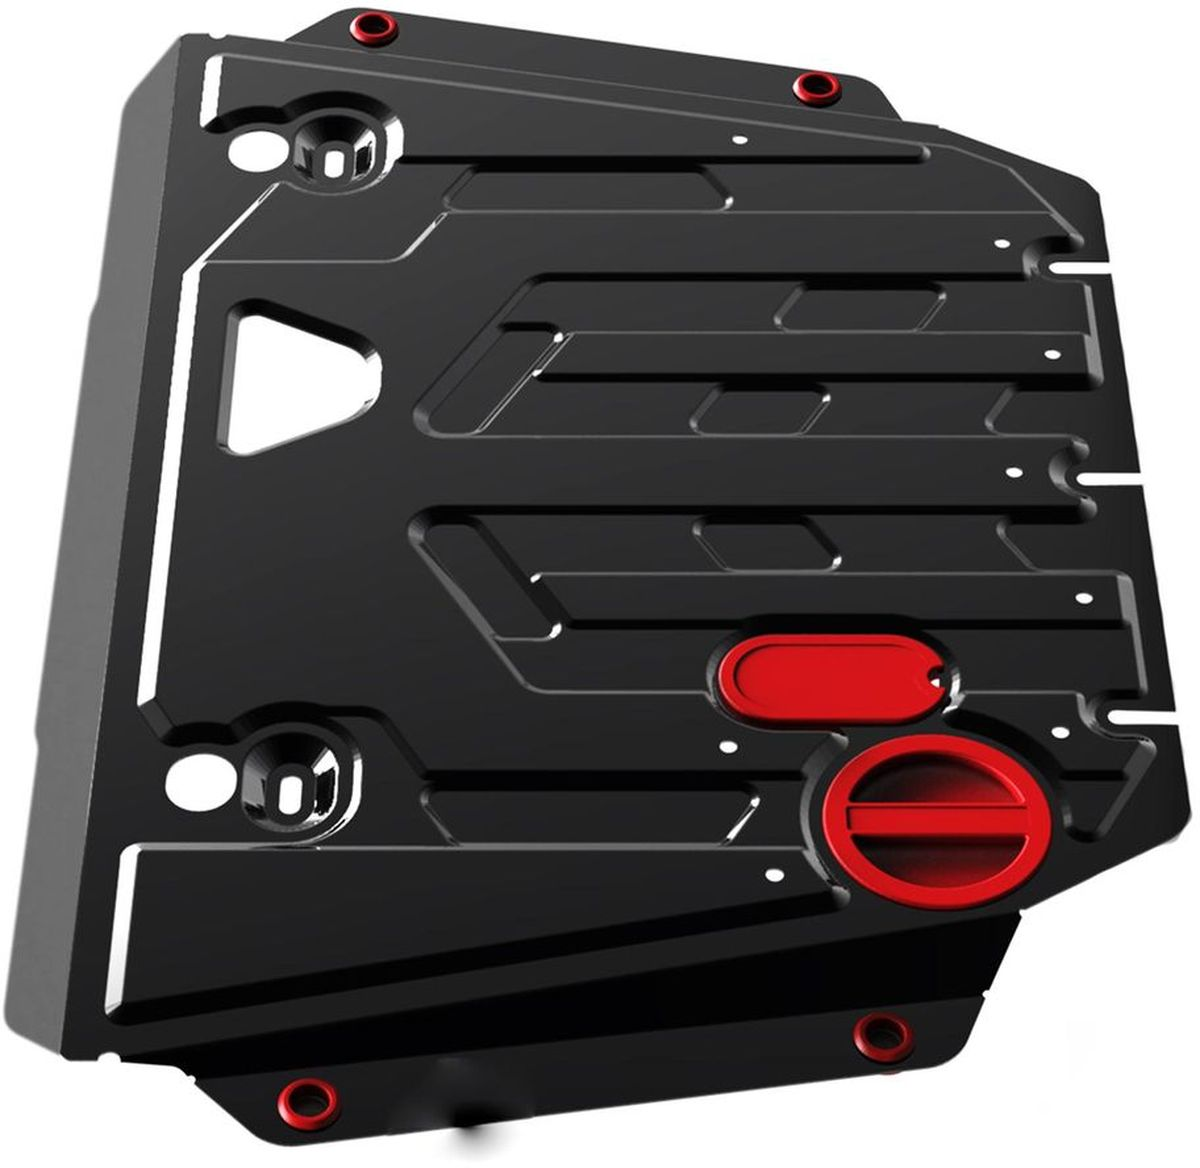 Защита картера и КПП Автоброня, для Lifan Х60 V - 1,8i (2012-2016; 2016-)CA-3505Технологически совершенный продукт за невысокую стоимость.Защита разработана с учетом особенностей днища автомобиля, что позволяет сохранить дорожный просвет с минимальным изменением.Защита устанавливается в штатные места кузова автомобиля. Глубокий штамп обеспечивает до двух раз больше жесткости в сравнении с обычной защитой той же толщины. Проштампованные ребра жесткости препятствуют деформации защиты при ударах.Тепловой зазор и вентиляционные отверстия обеспечивают сохранение температурного режима двигателя в норме. Скрытый крепеж предотвращает срыв крепежных элементов при наезде на препятствие.Шумопоглощающие резиновые элементы обеспечивают комфортную езду без вибраций и скрежета металла, а съемные лючки для слива масла и замены фильтра - экономию средств и время.Конструкция изделия не влияет на пассивную безопасность автомобиля (при ударе защита не воздействует на деформационные зоны кузова). Со штатным крепежом. В комплекте инструкция по установке.Толщина стали: 2 мм.Уважаемые клиенты!Обращаем ваше внимание, что элемент защиты имеет форму, соответствующую модели данного автомобиля. Фото служит для визуального восприятия товара и может отличаться от фактического.